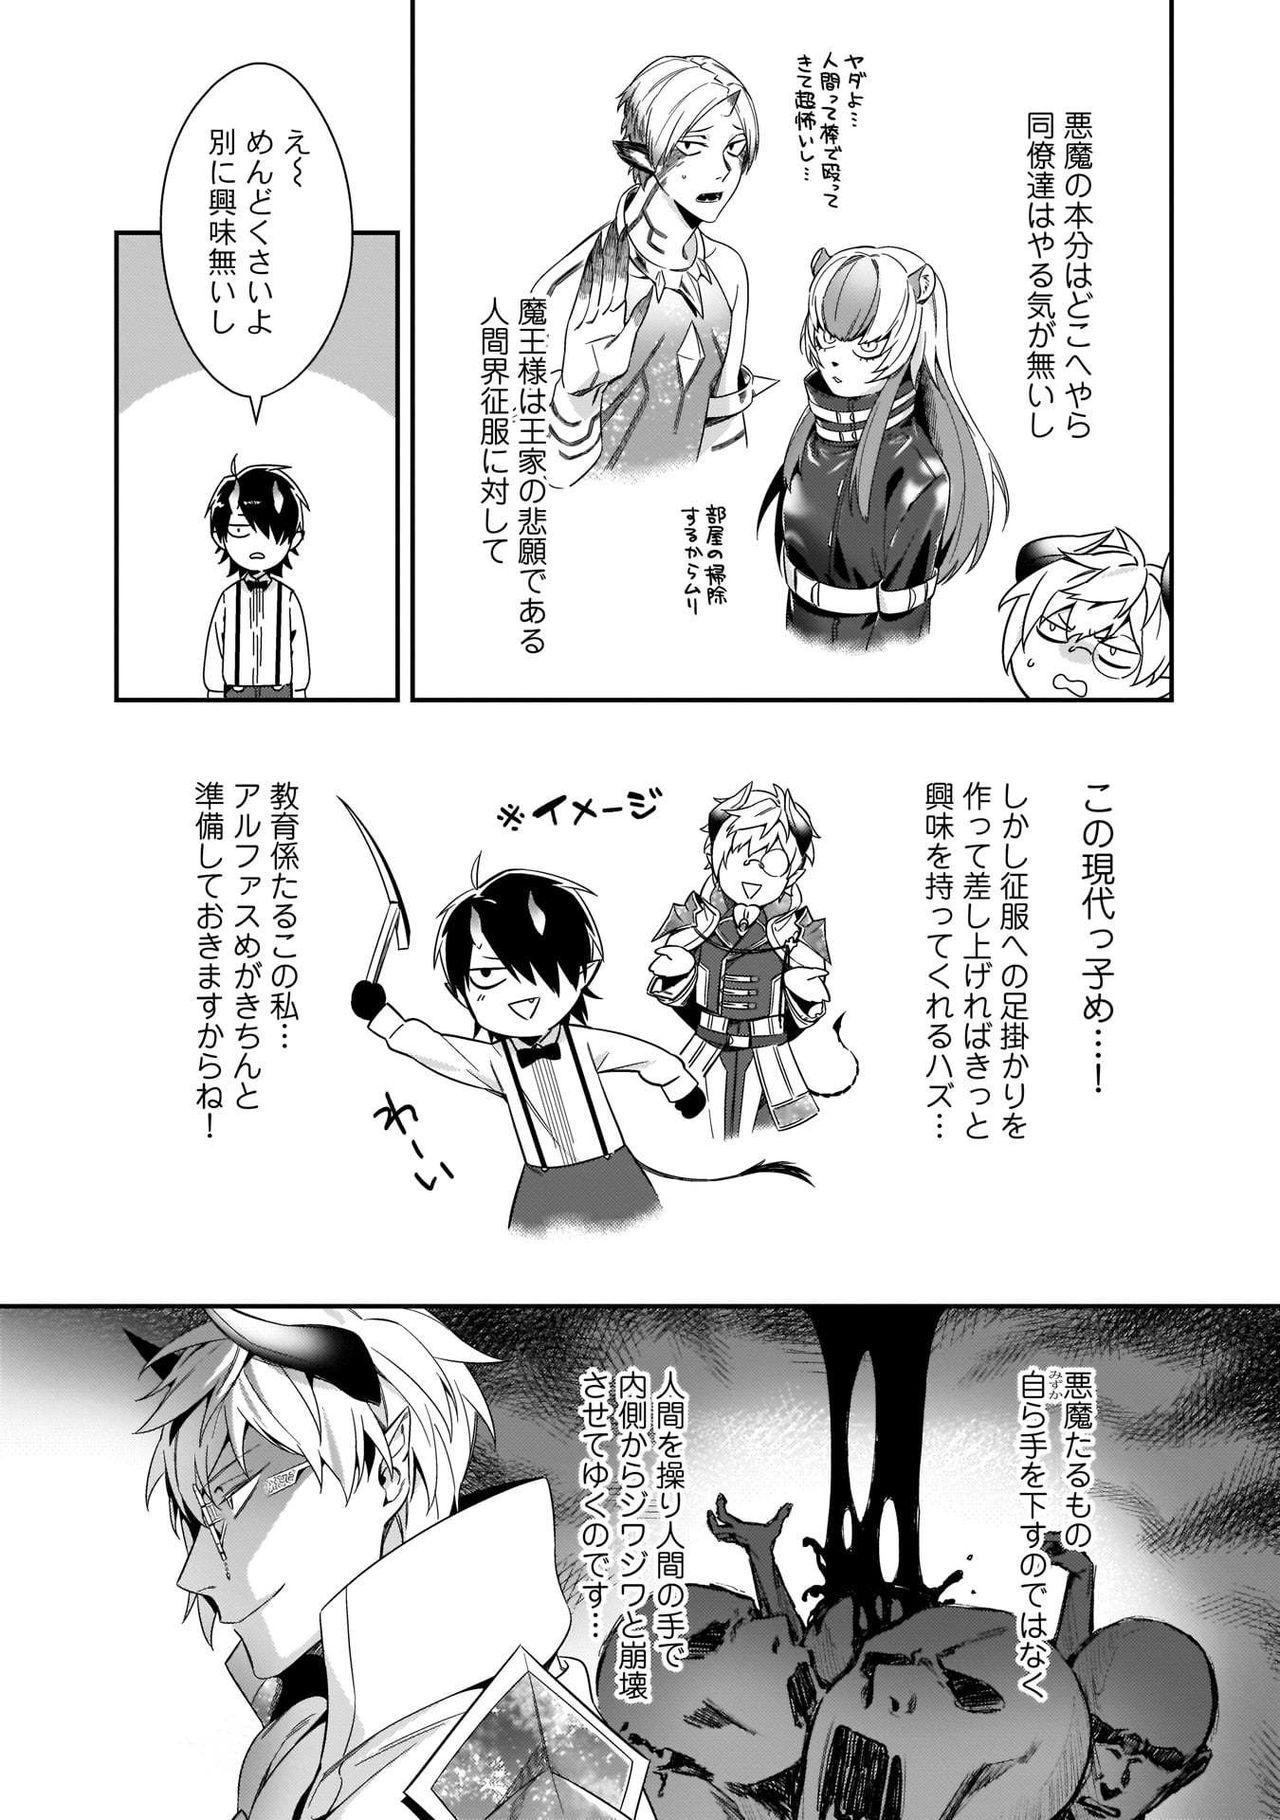 Torokeru kaikan sokuochi akuma 1-2 4